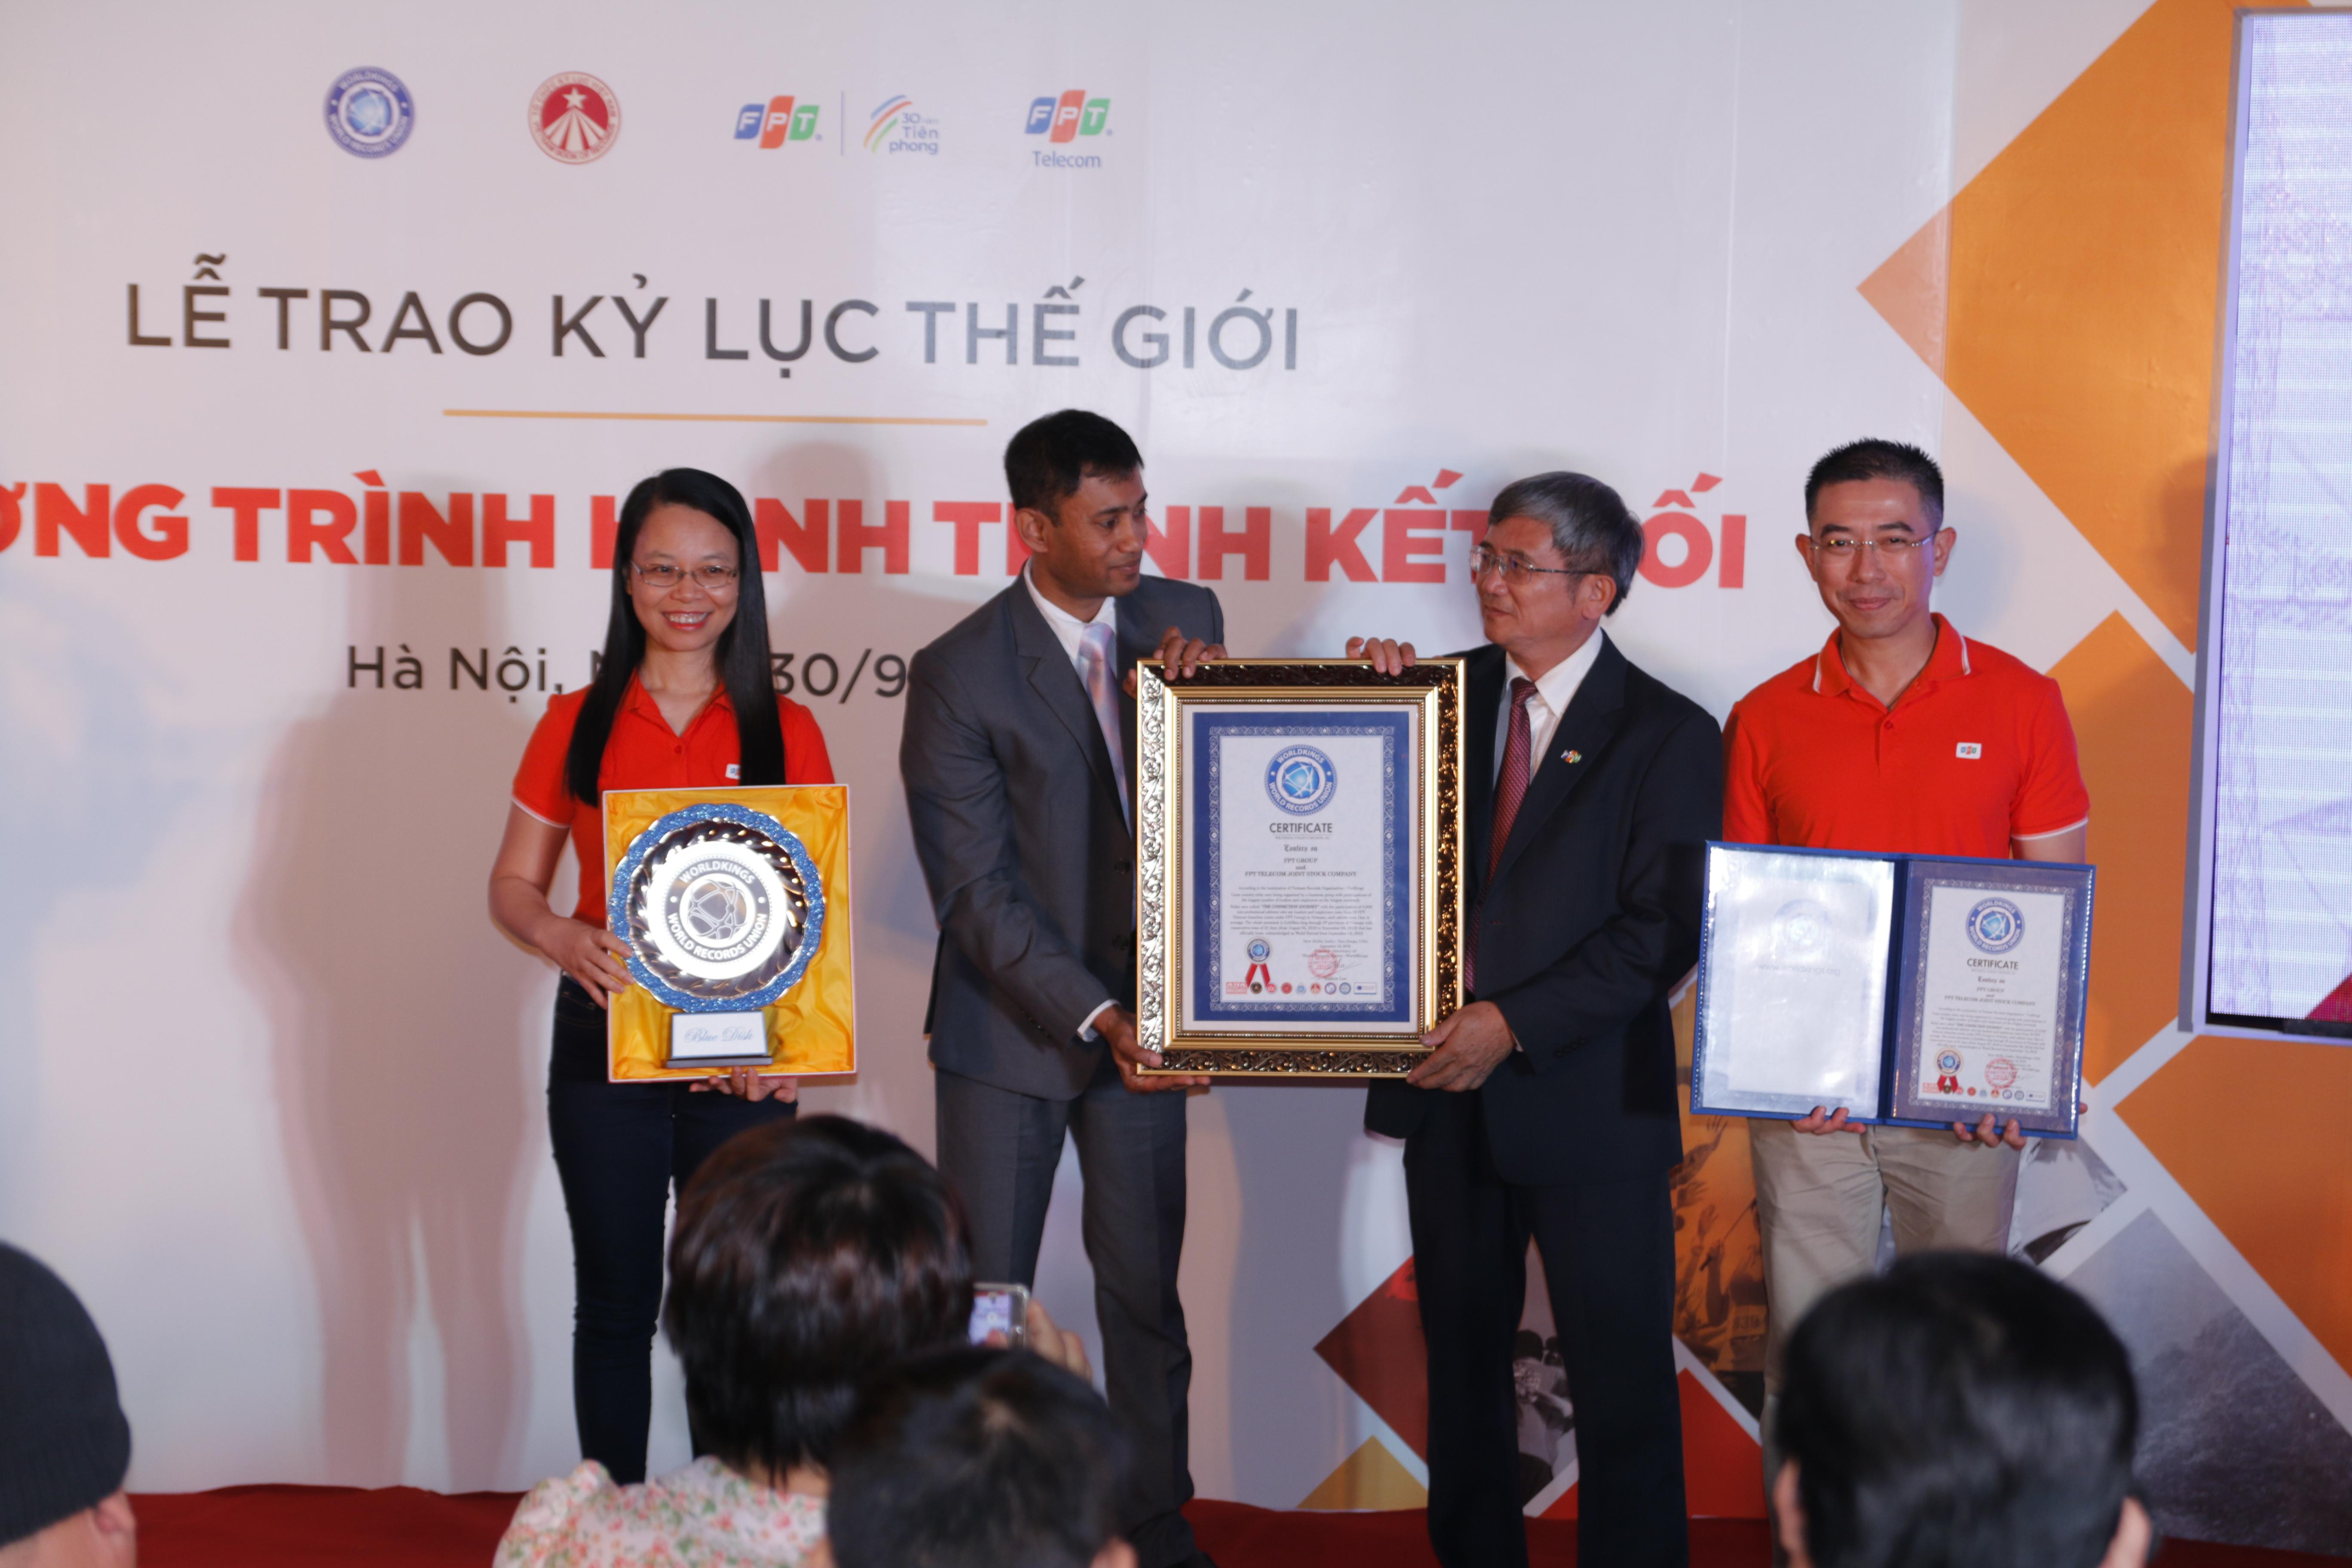 Ông Biswaroop Roy Chowdhury đã trao chứng nhận Kỷ lục cho anh Bùi Quang Ngọc - Tổng Giám đốc FPT, chị Chu Thanh Hà - Chủ tịch FPT Telecom và anh Hoàng Việt Anh - CEO FPT Telecom.